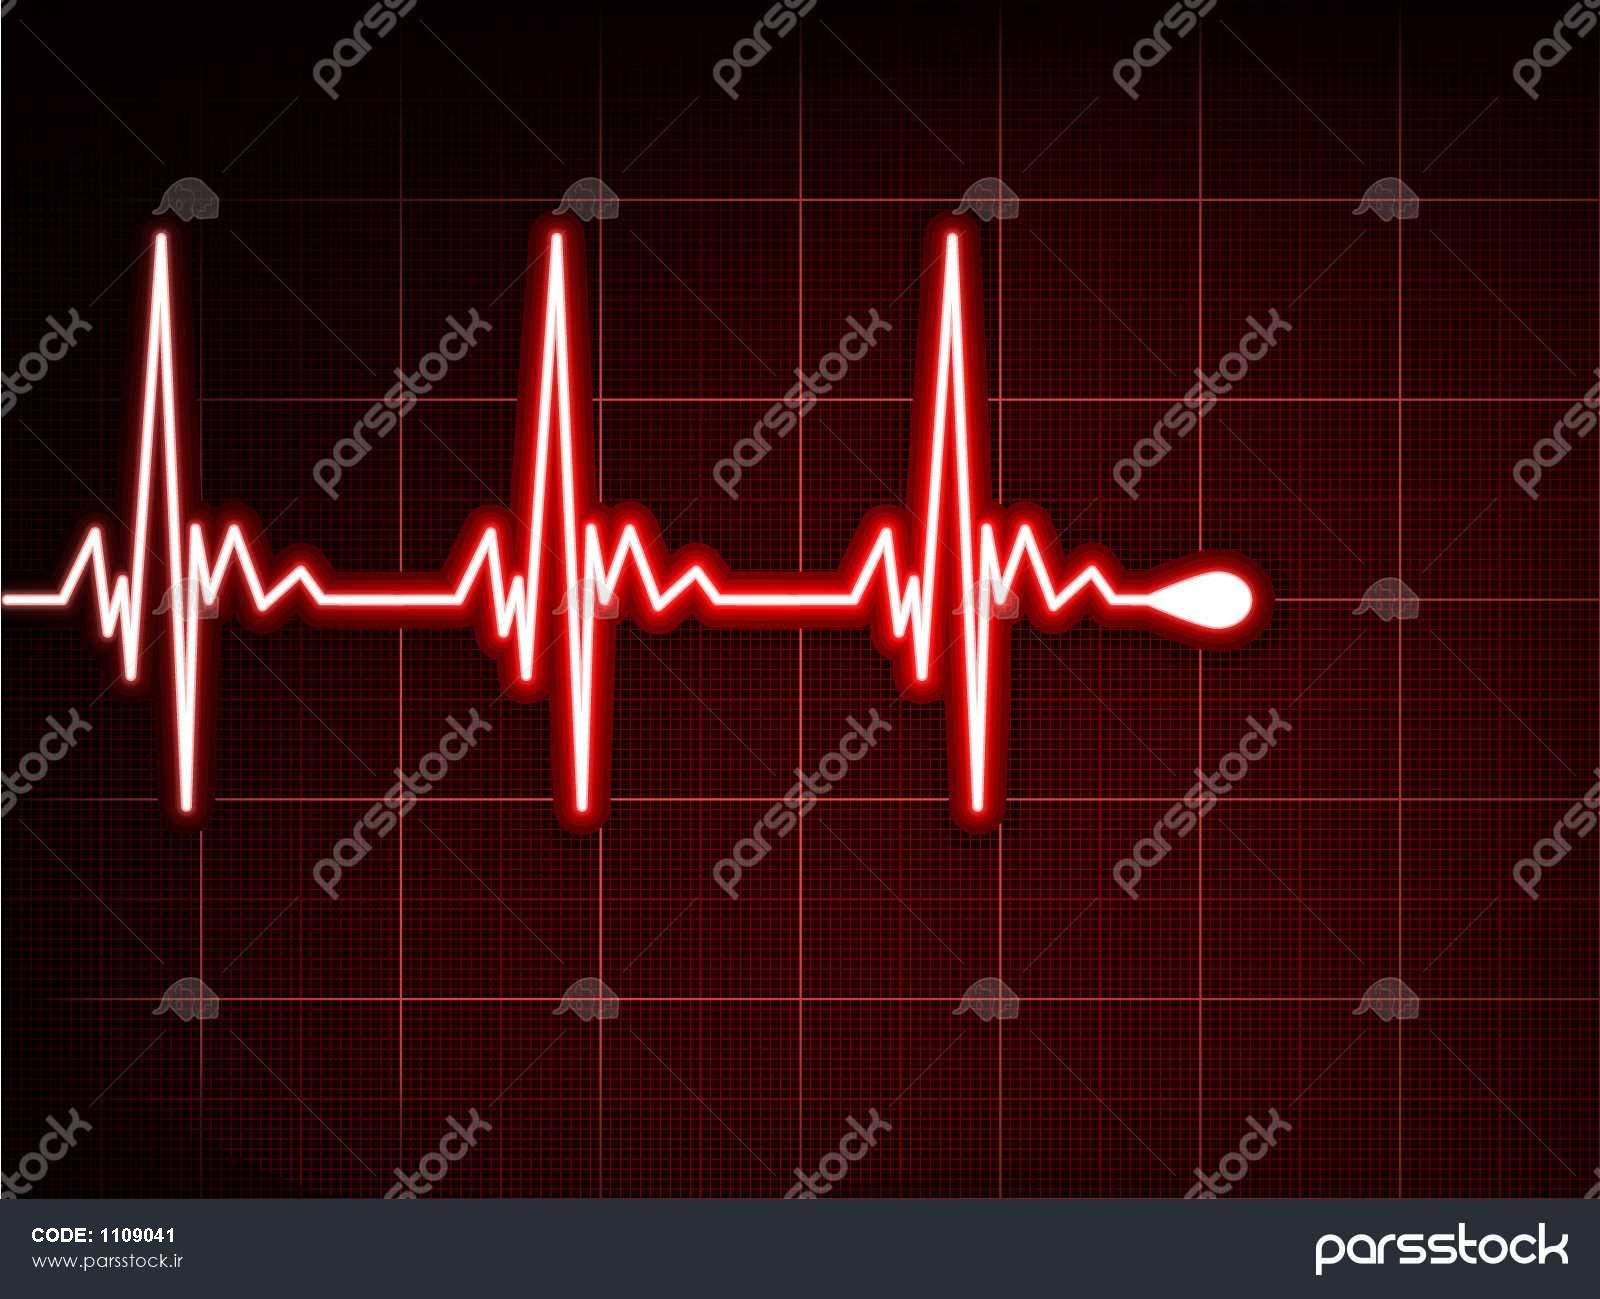 خلاصه ضربان قلب نوار قلب Eps 8 وکتور لایه باز 1109041 پارس استاک شاتر استوک پارسی